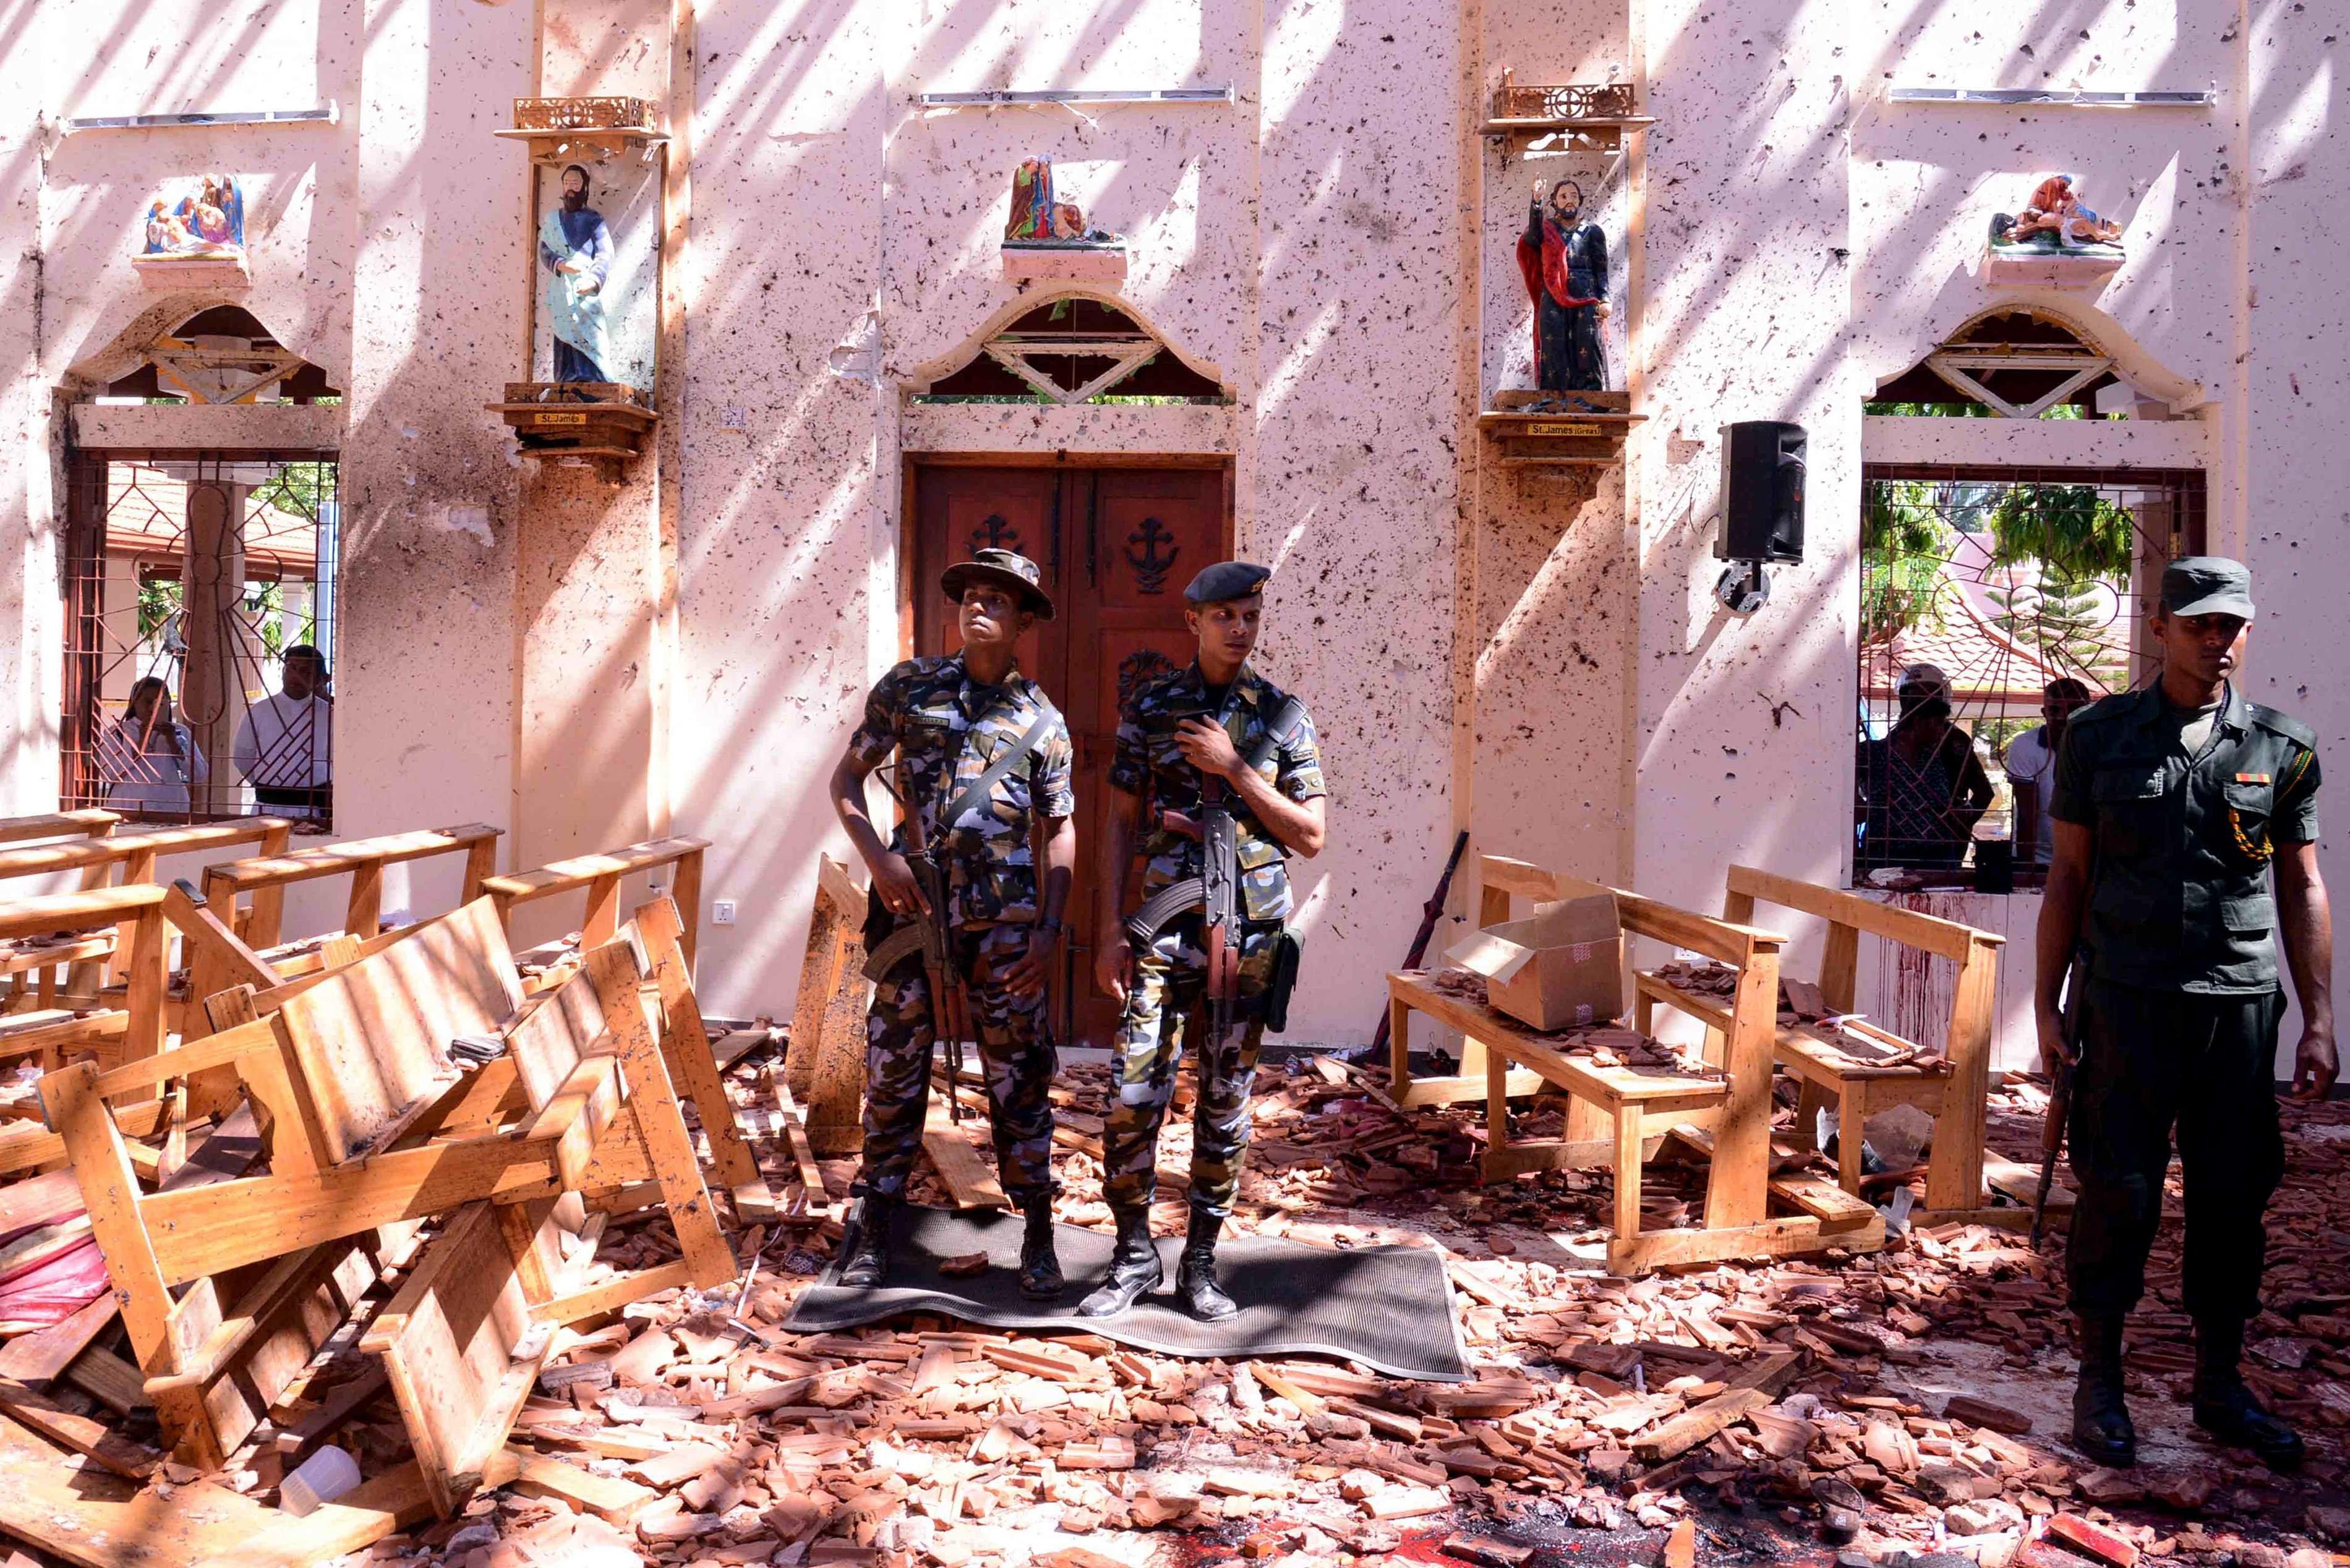 スリランカの爆破テロ、日本人1人の死亡確認 けが人情報も 死者は200人以上